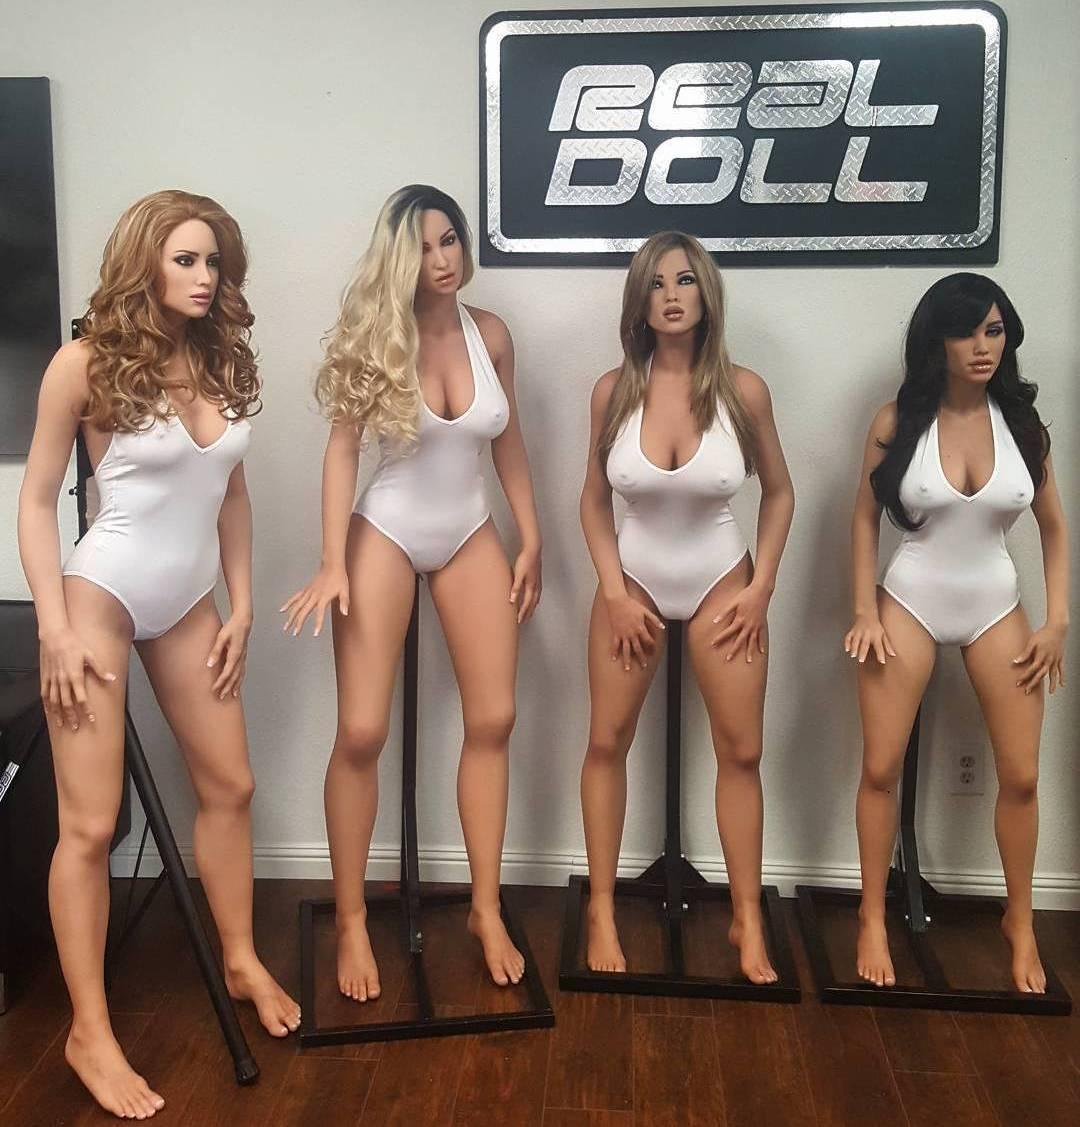 Новое поколение секс кукол сможет получать \оргазм\ по команде (20 фото + видео)